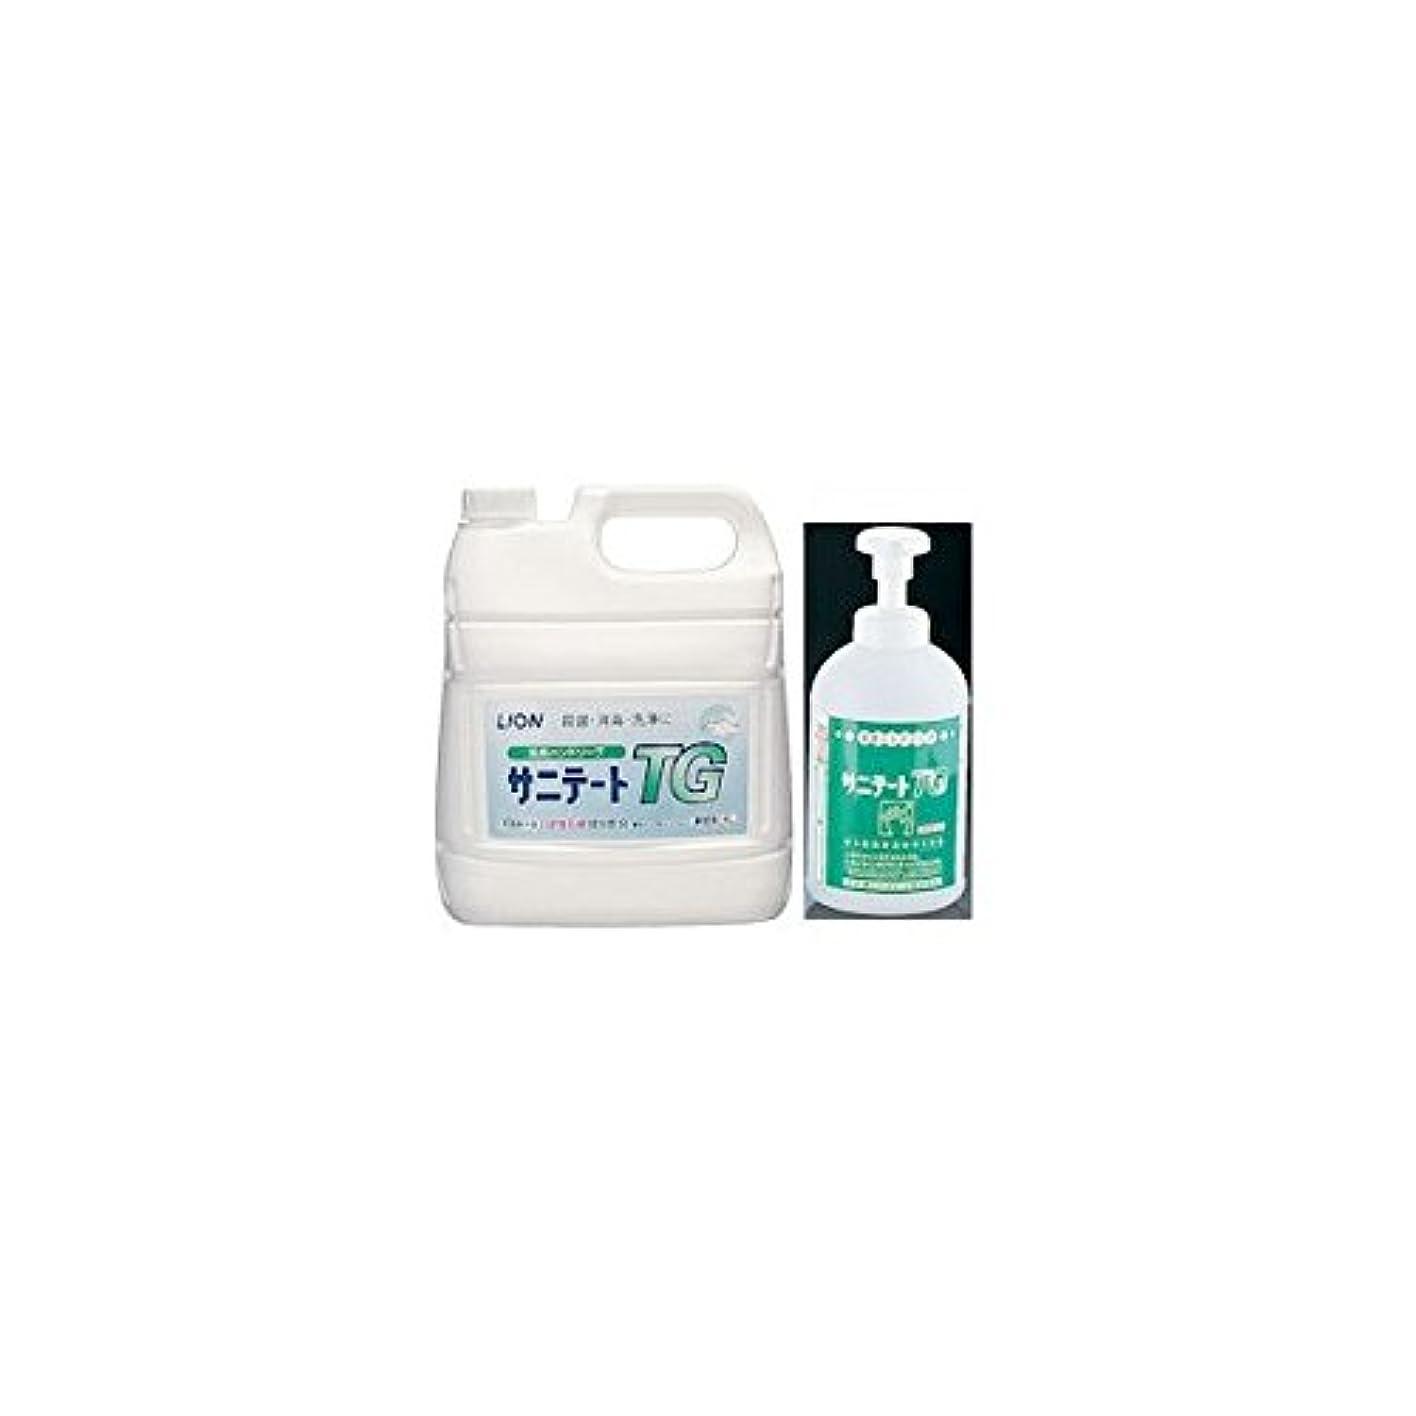 ディスコ暗くする泥だらけライオン薬用ハンドソープ サニテートTG 4L 700ML泡ポンプ付 【品番】JHV3001